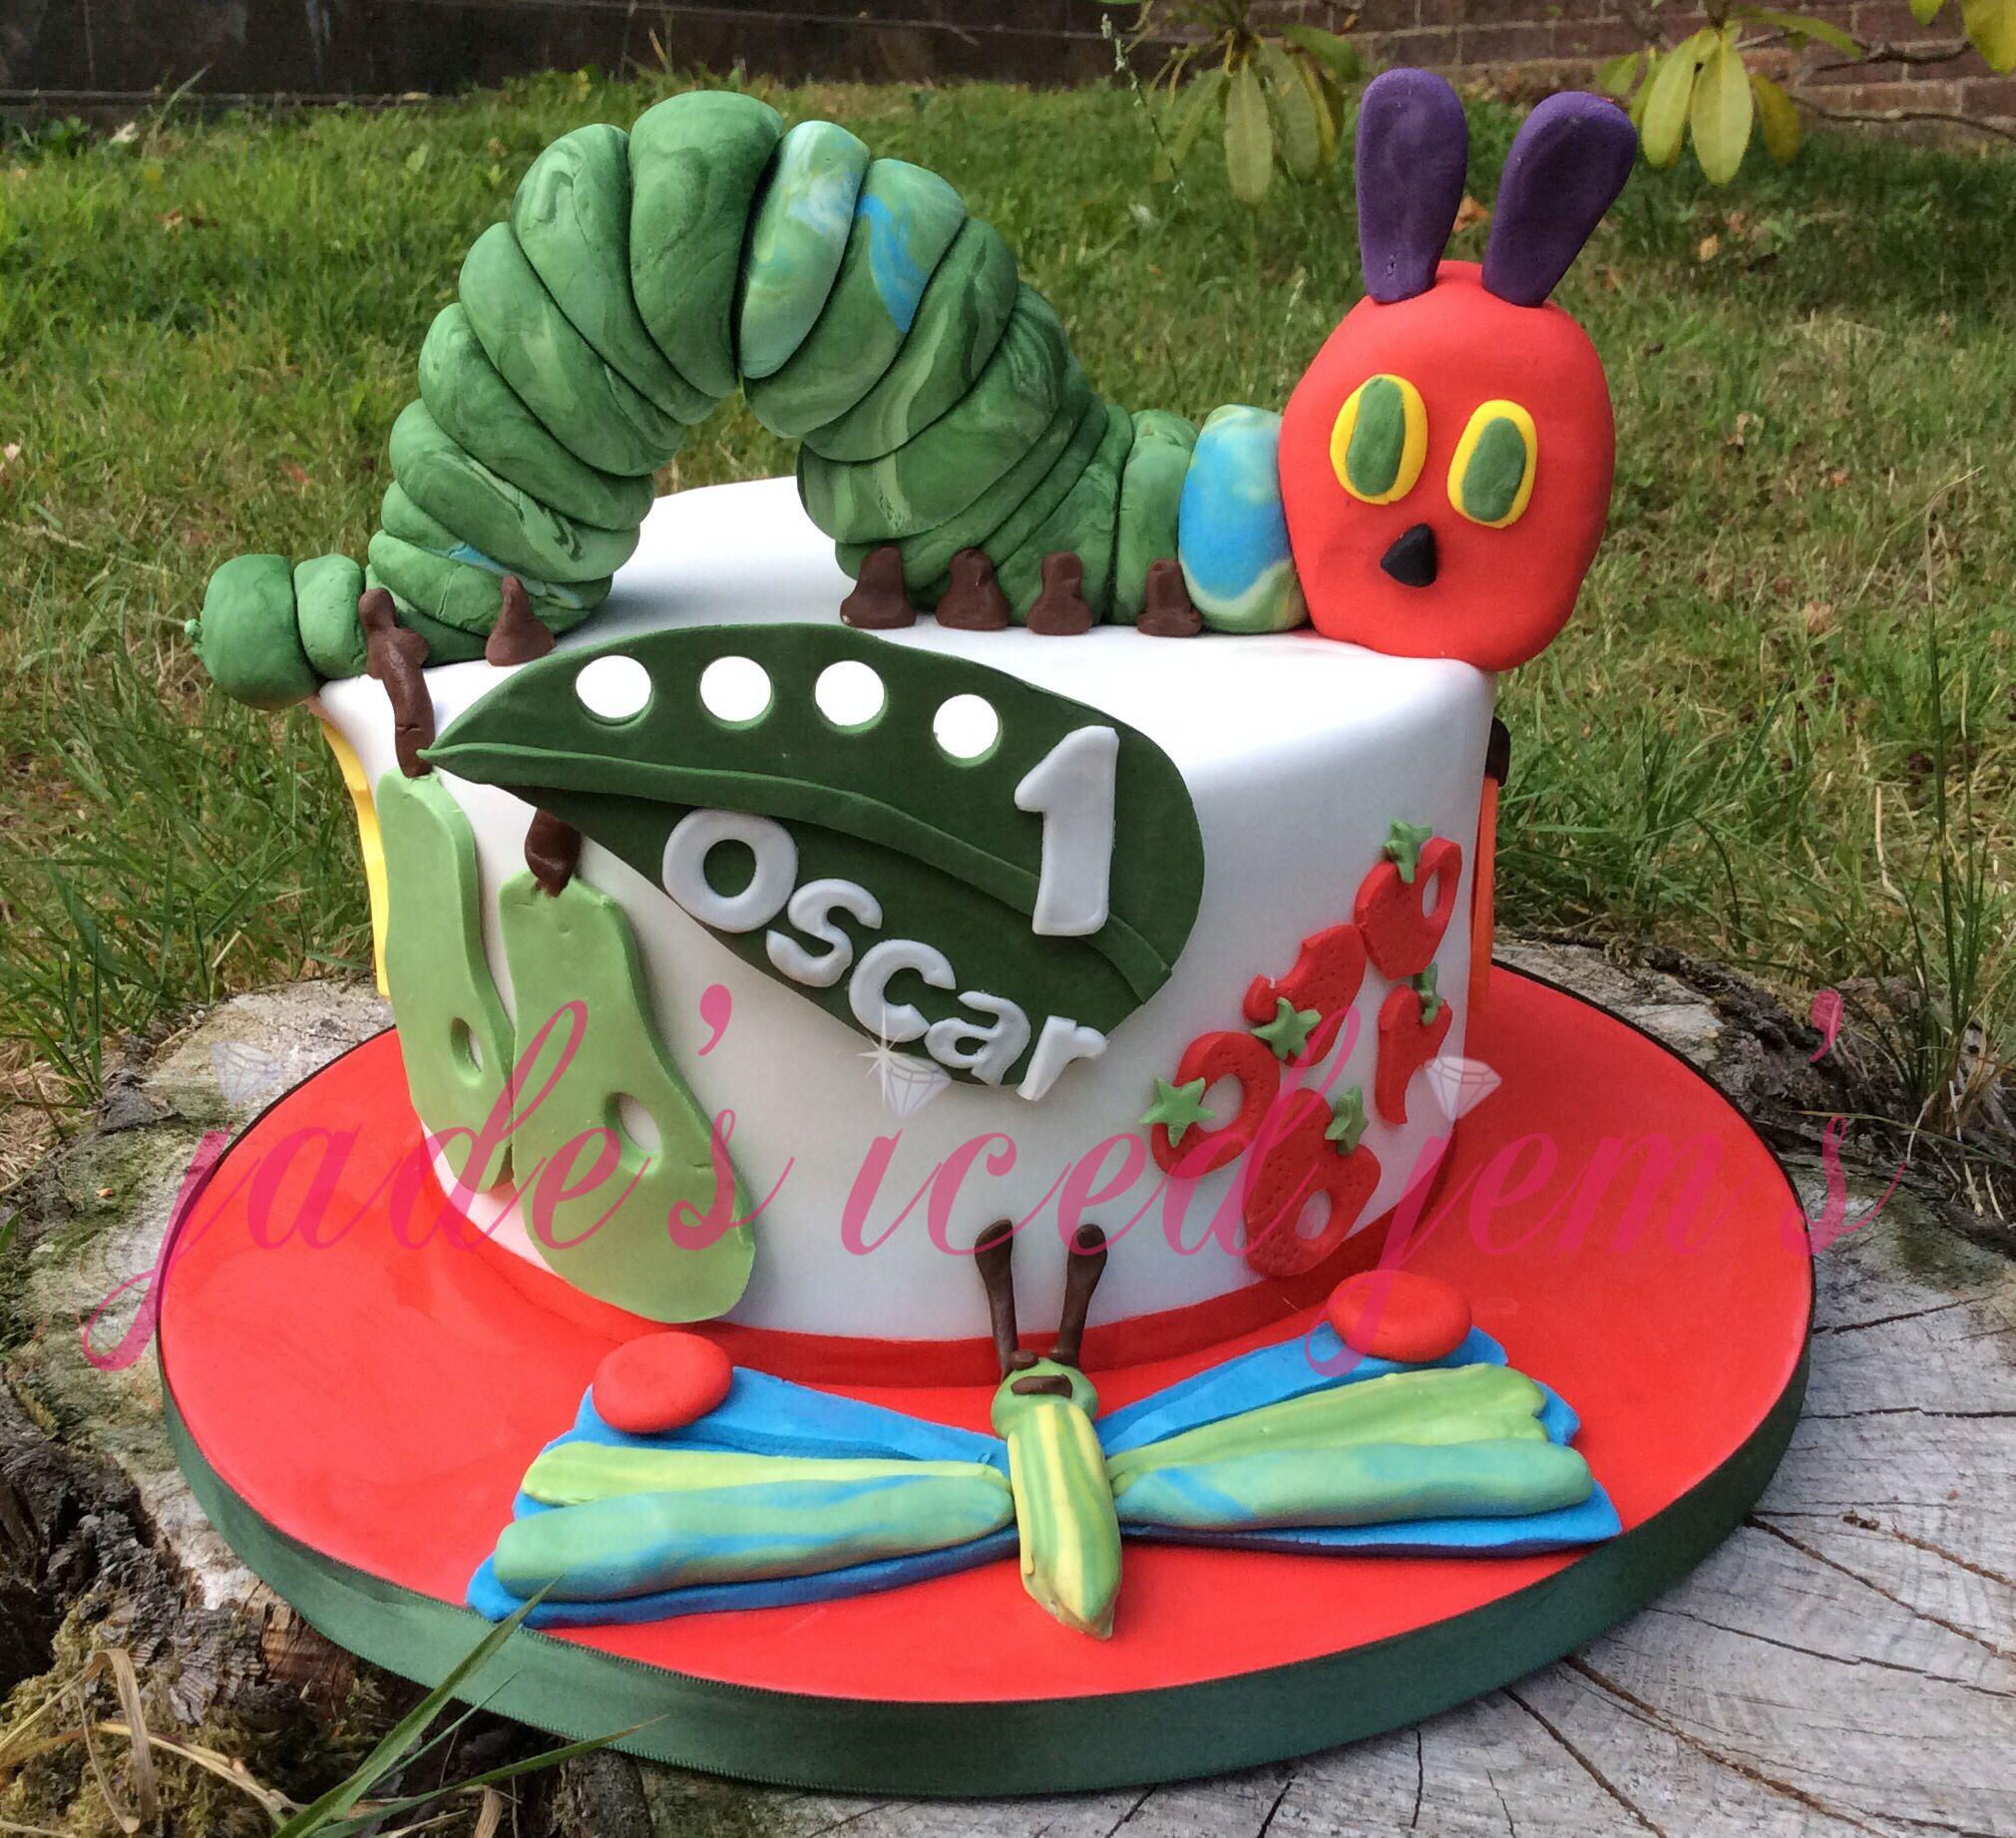 The very hungry caterpillar cake. 1st birthday cake